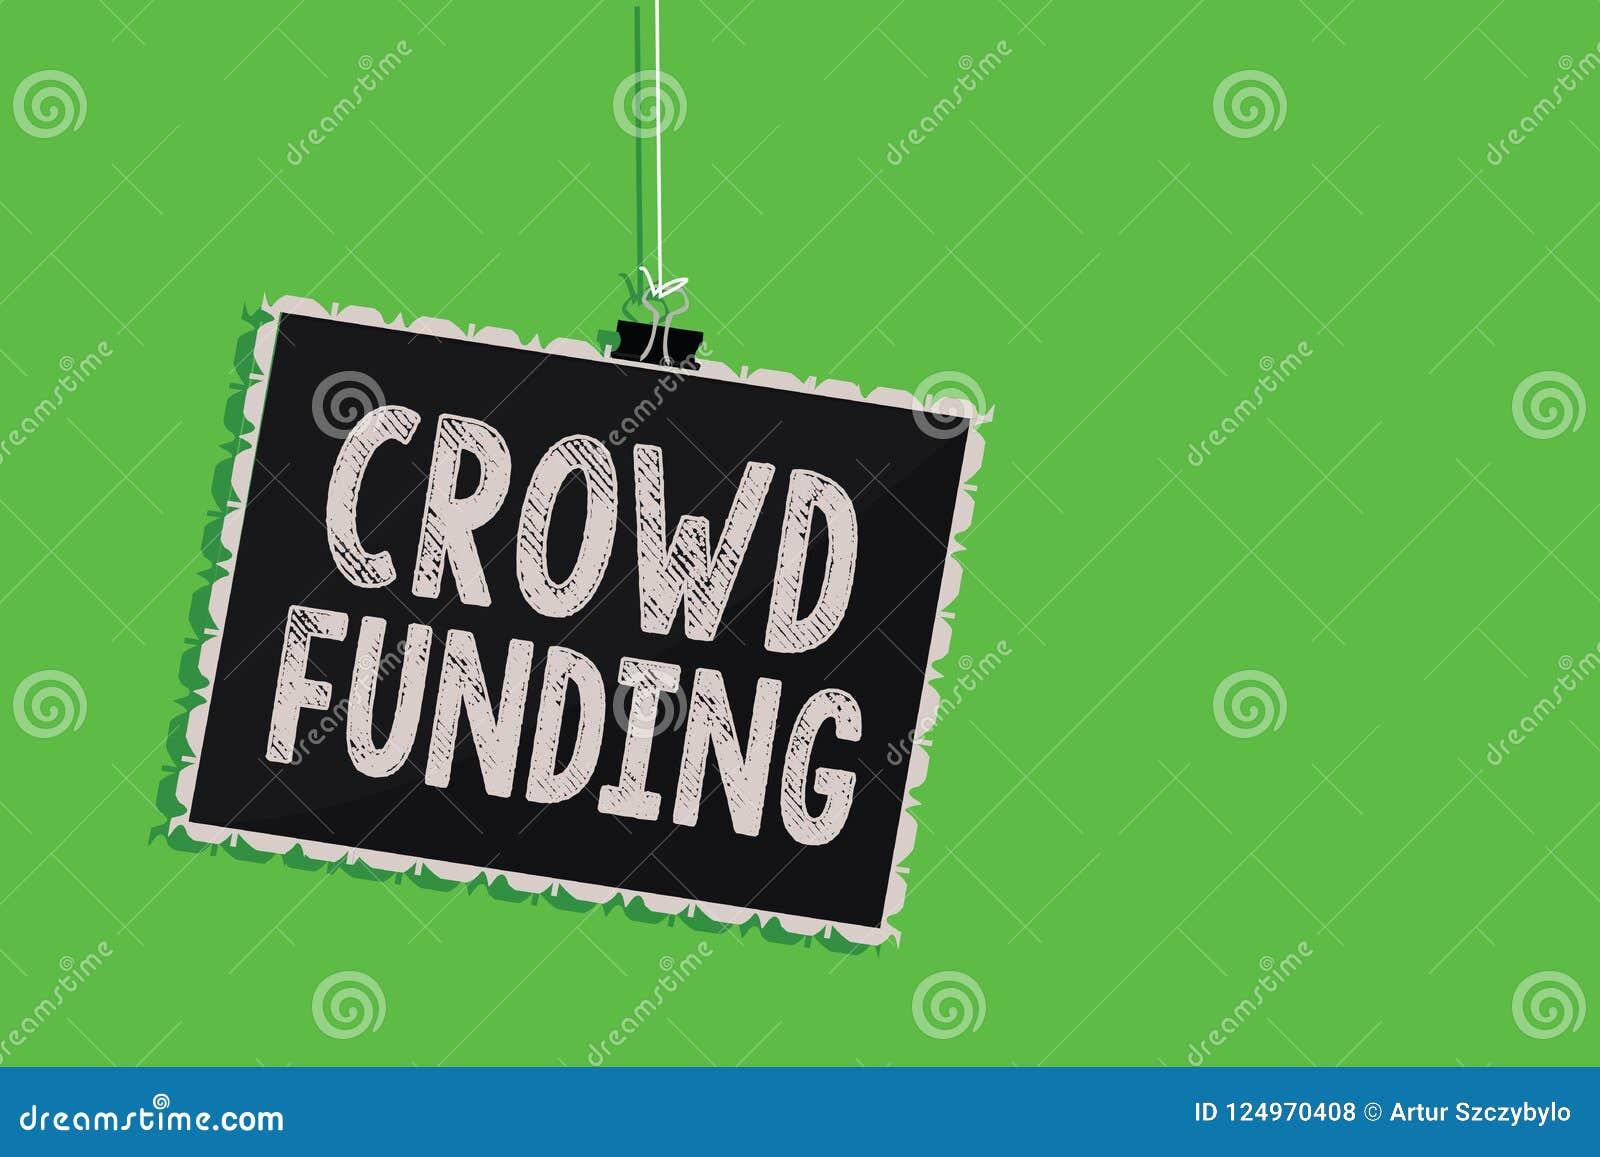 显示人群资助的文本标志 概念性垂悬黑板mes的照片筹款的Kickstarter起始的承诺平台捐赠